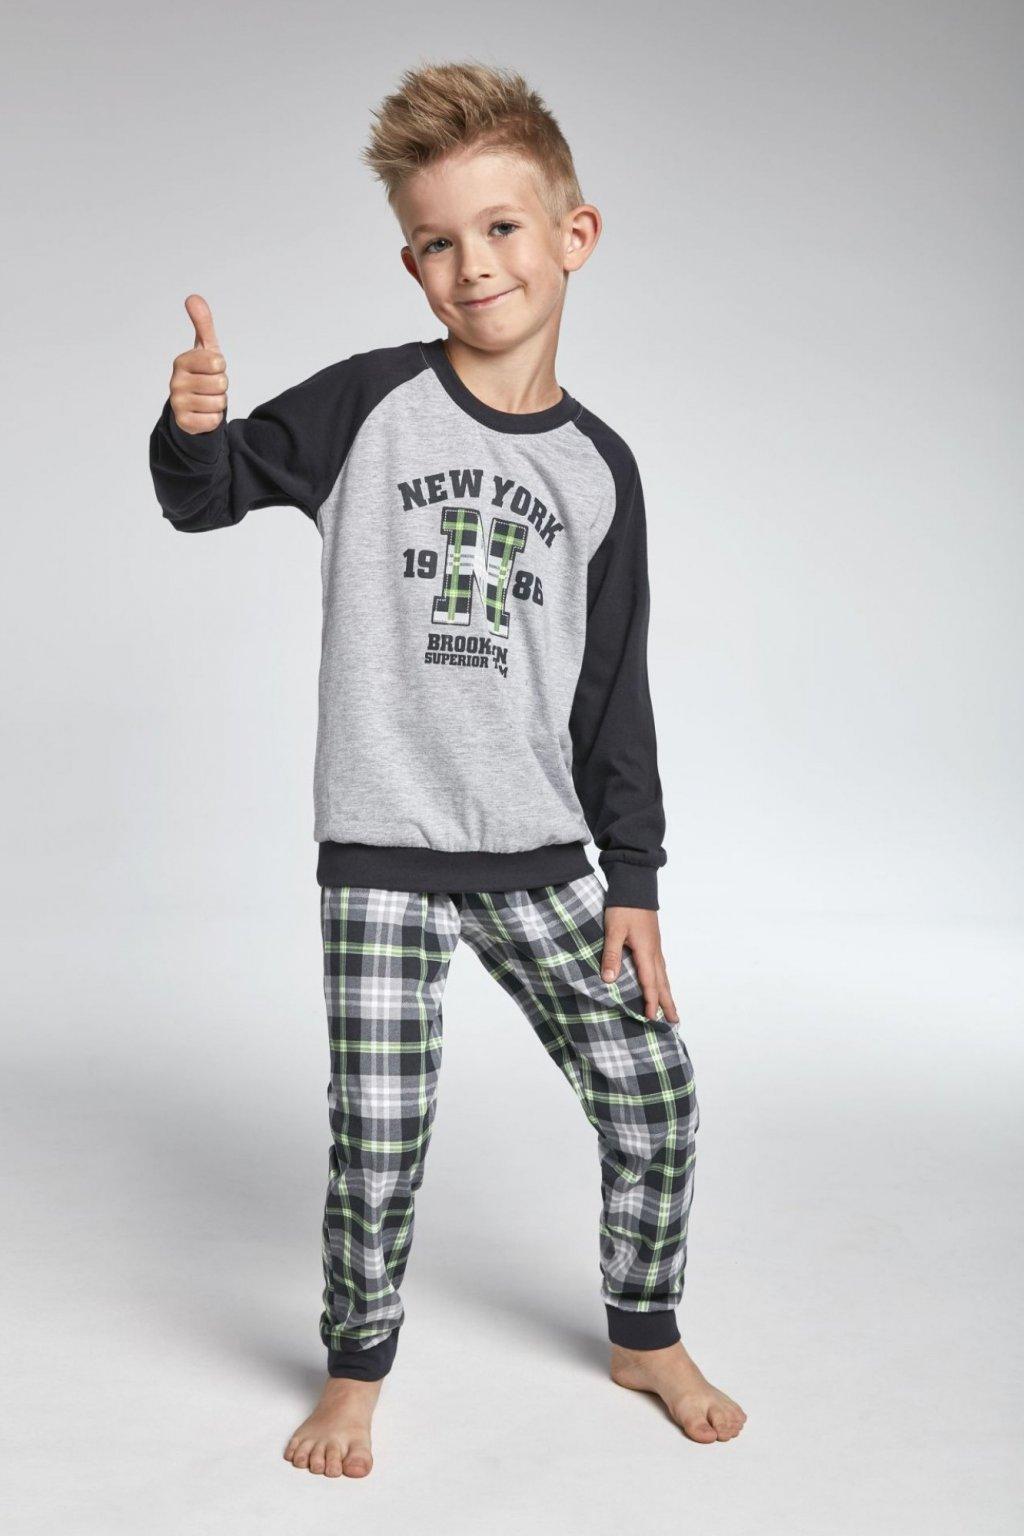 Chlapecké pyžamo Cornette 178/86 New York